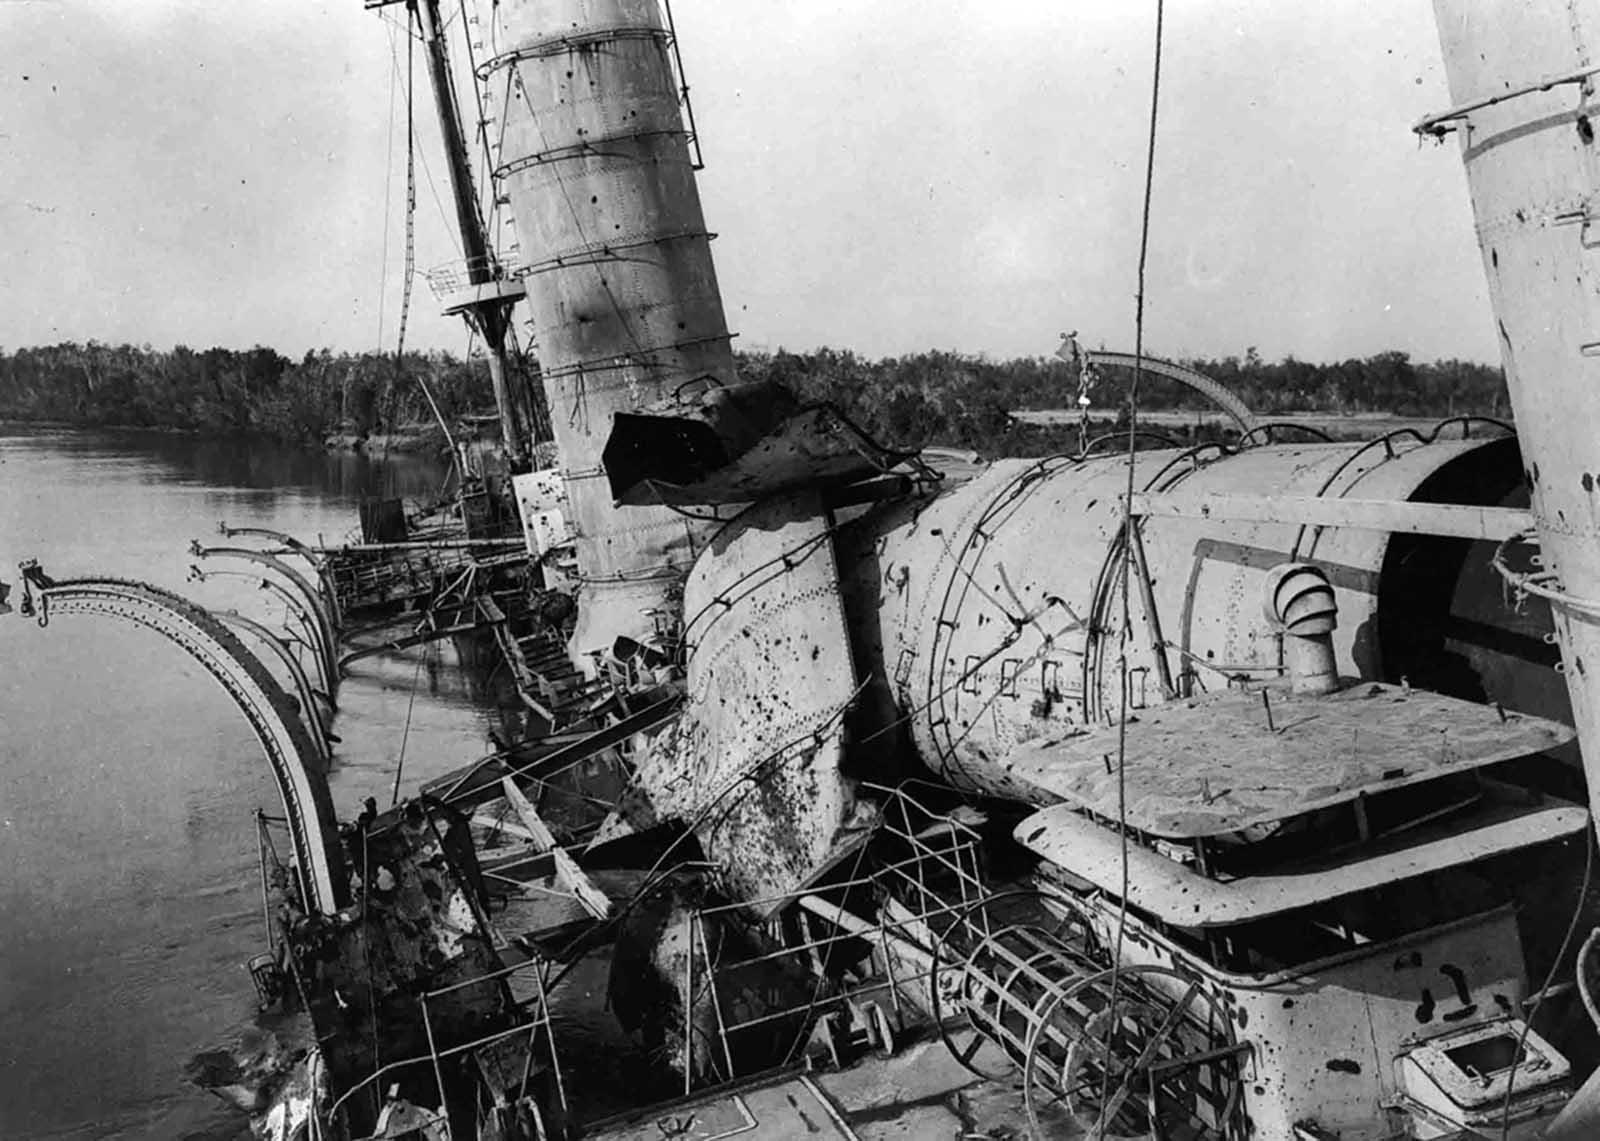 A Konigsberg SMS roncsja, a Rufiji-delta csata után.  A német cirkálót a Rufiji Delta Tanzánia folyóba borították, amely több mint 100 km-re hajózható, majd az Indiai-óceánba ürítés céljából, Dar es Salaamtól kb. 200 km-re délre.